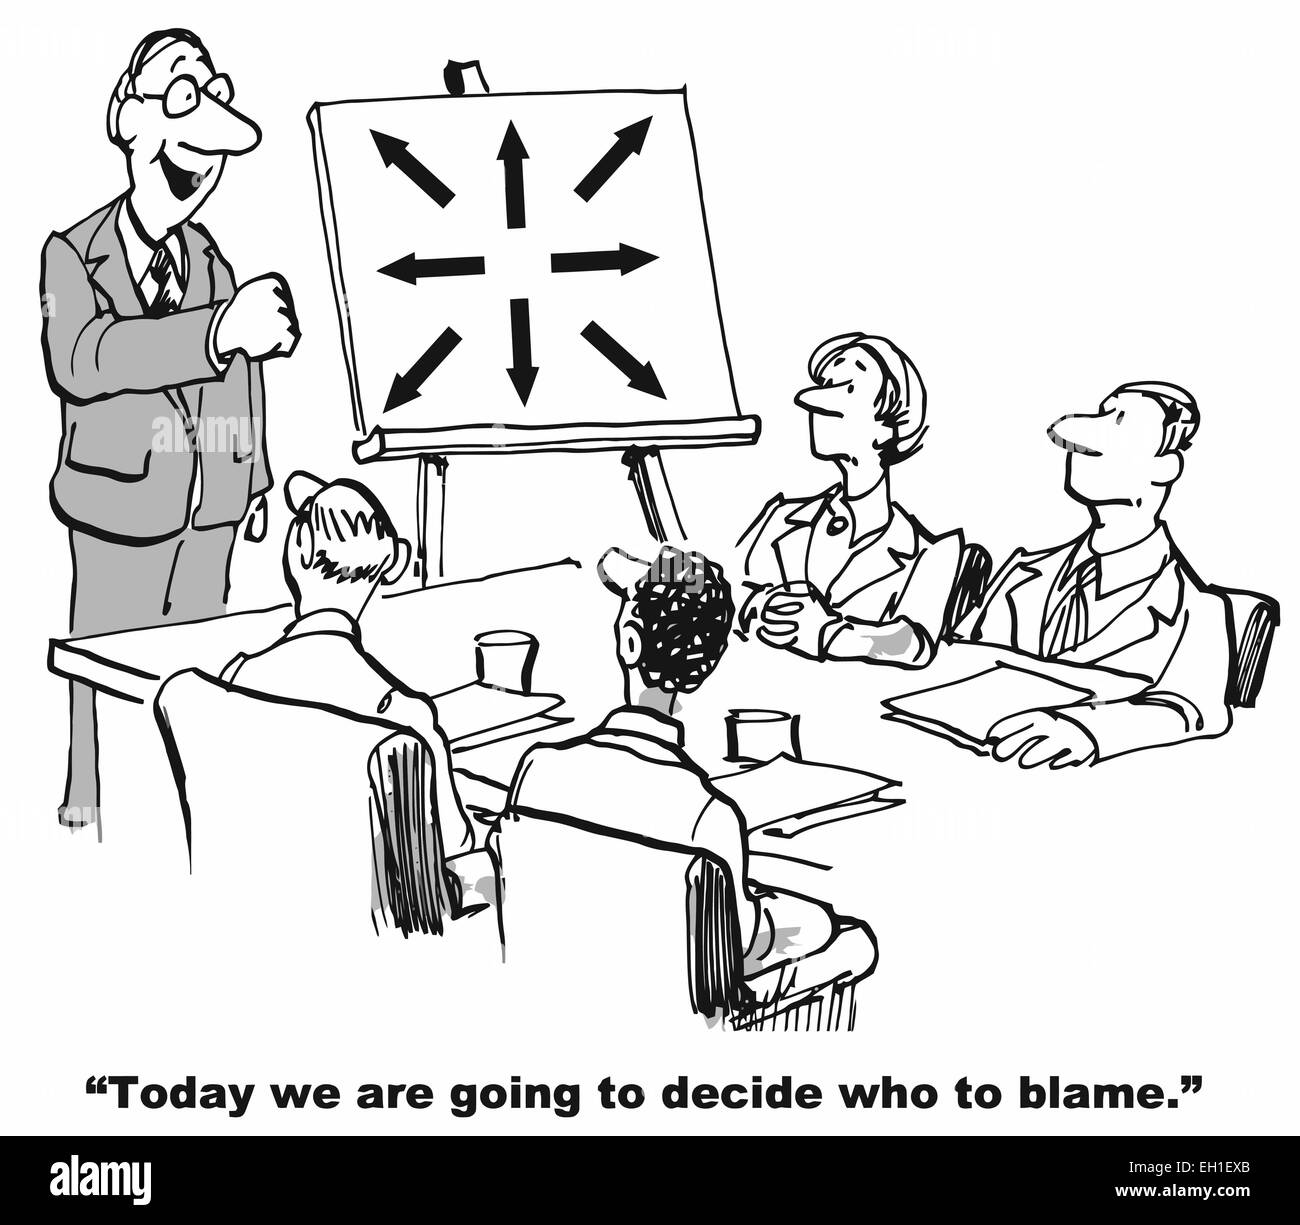 karikatur des gesch ftsf hrer sagen ein team sind wir heute zu entscheiden wer ist schuld. Black Bedroom Furniture Sets. Home Design Ideas